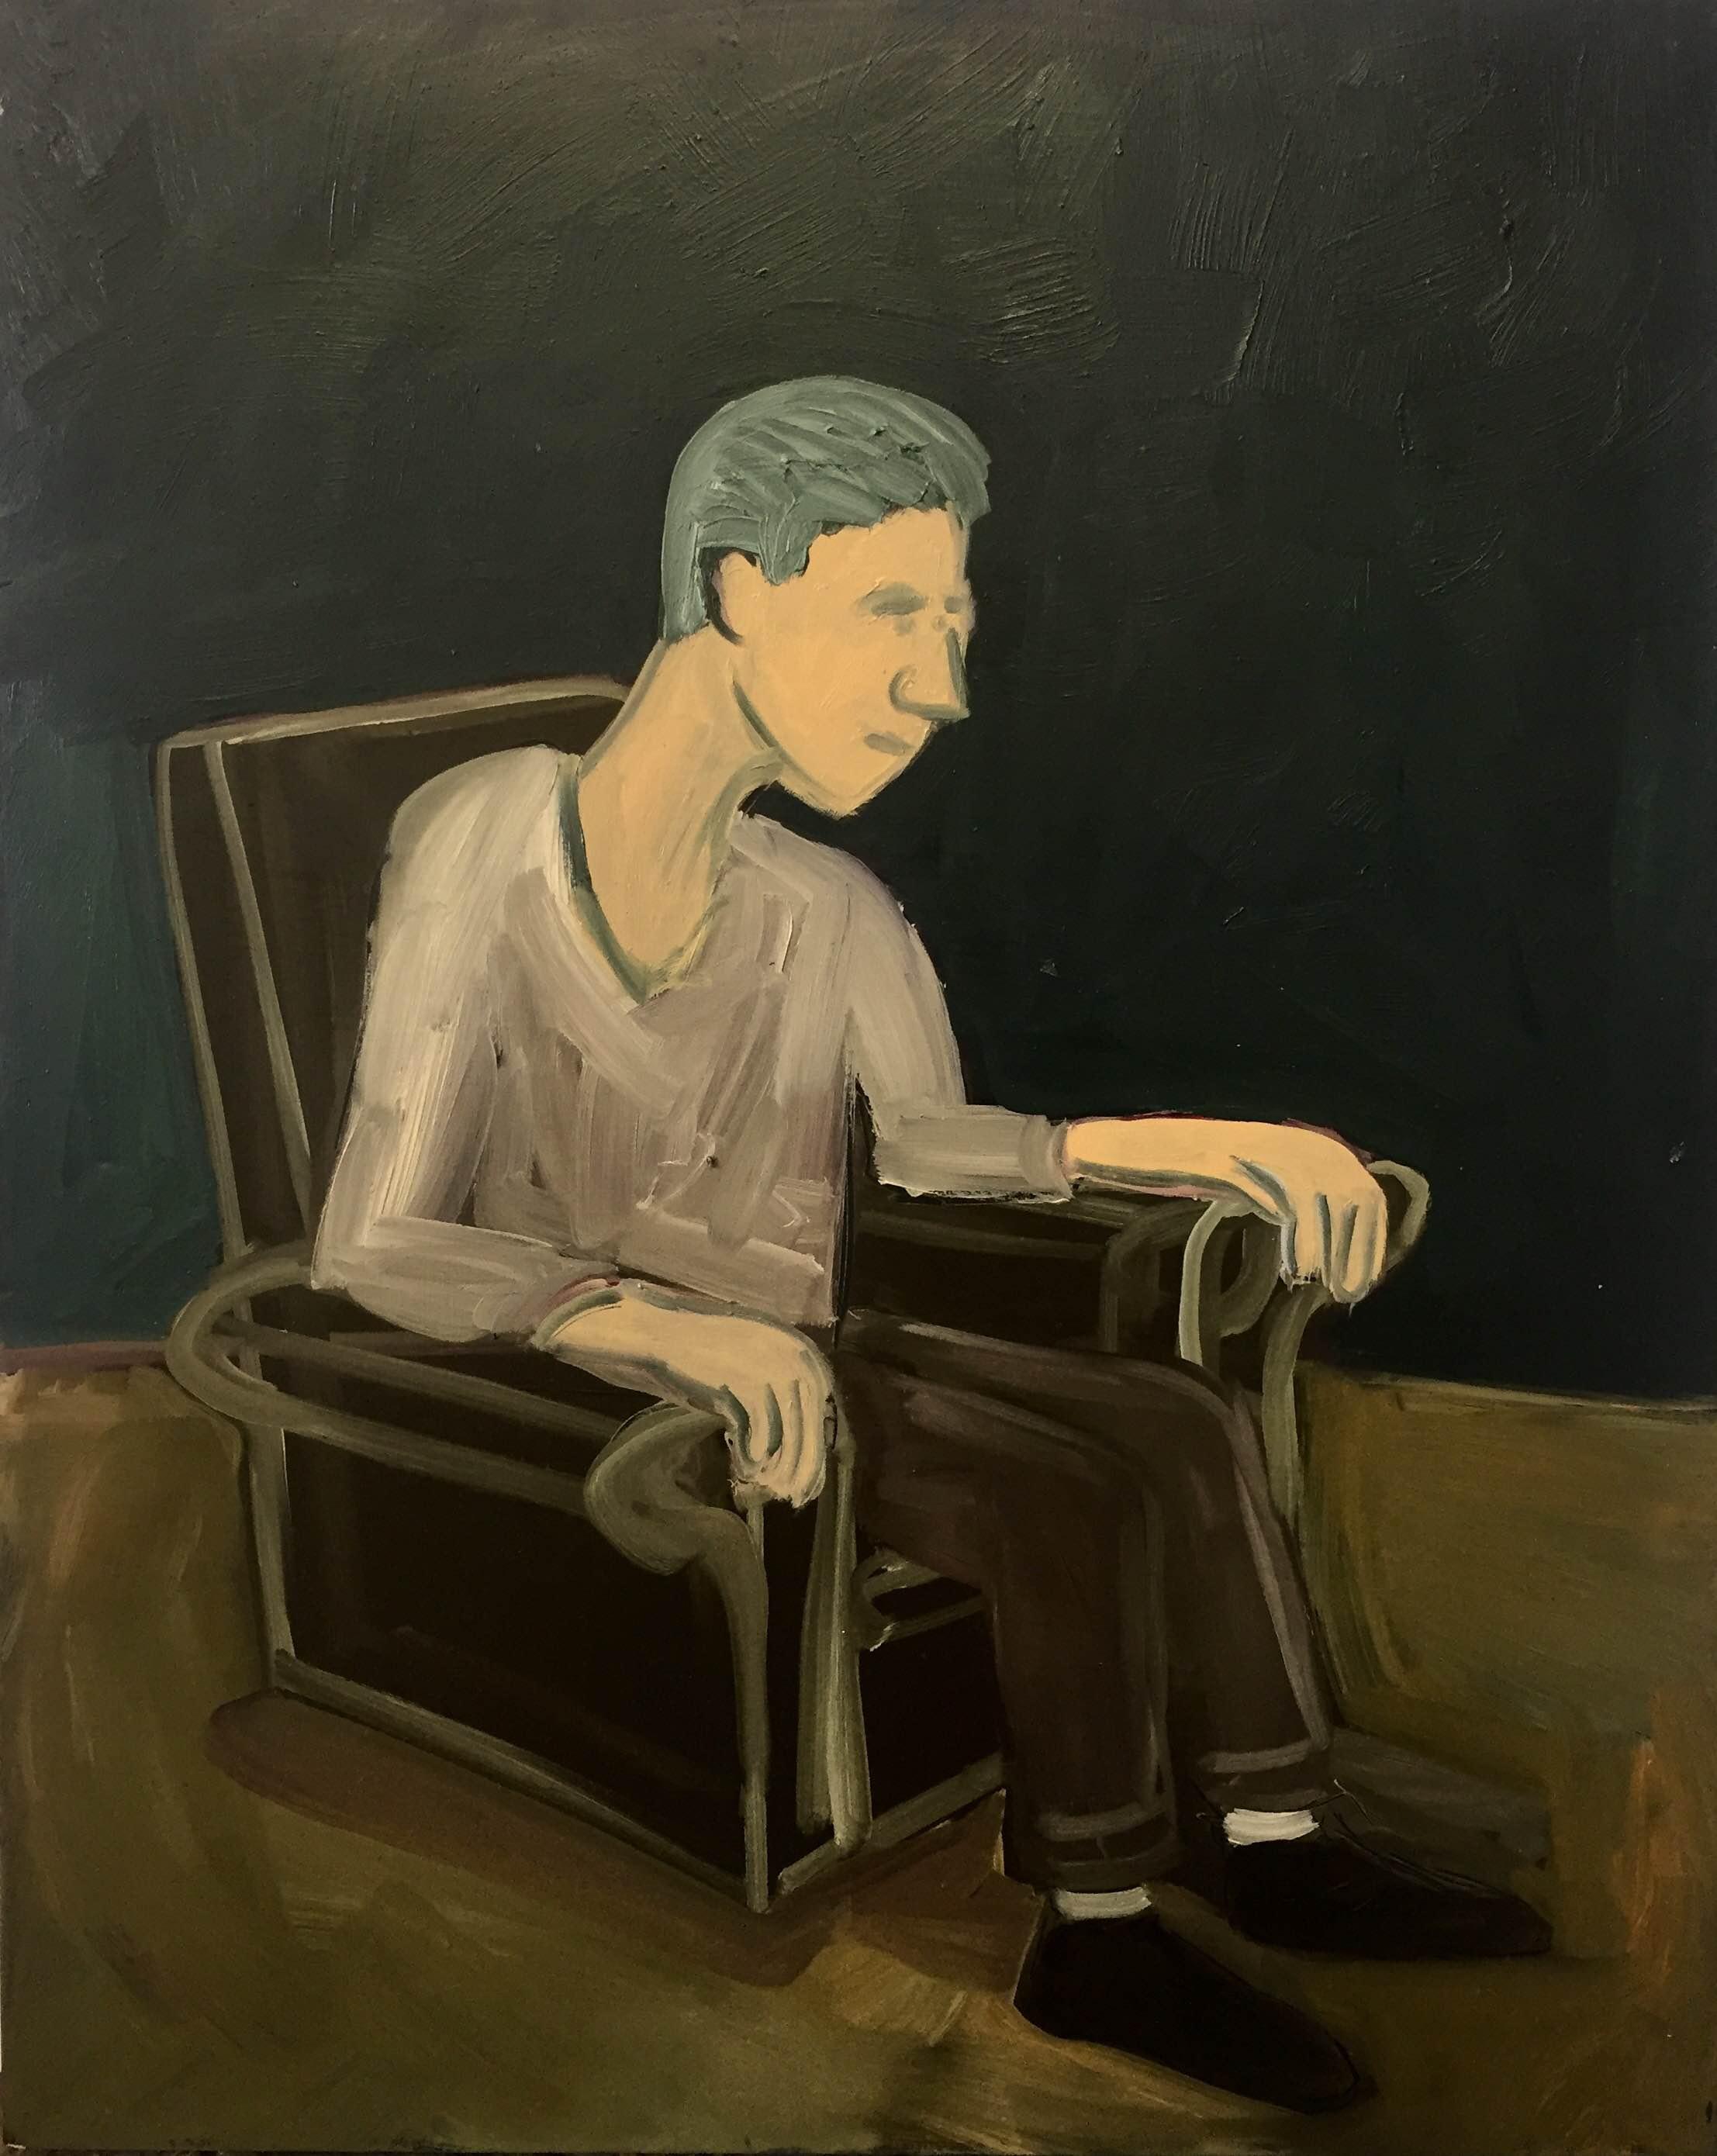 Guy Ben-Ari